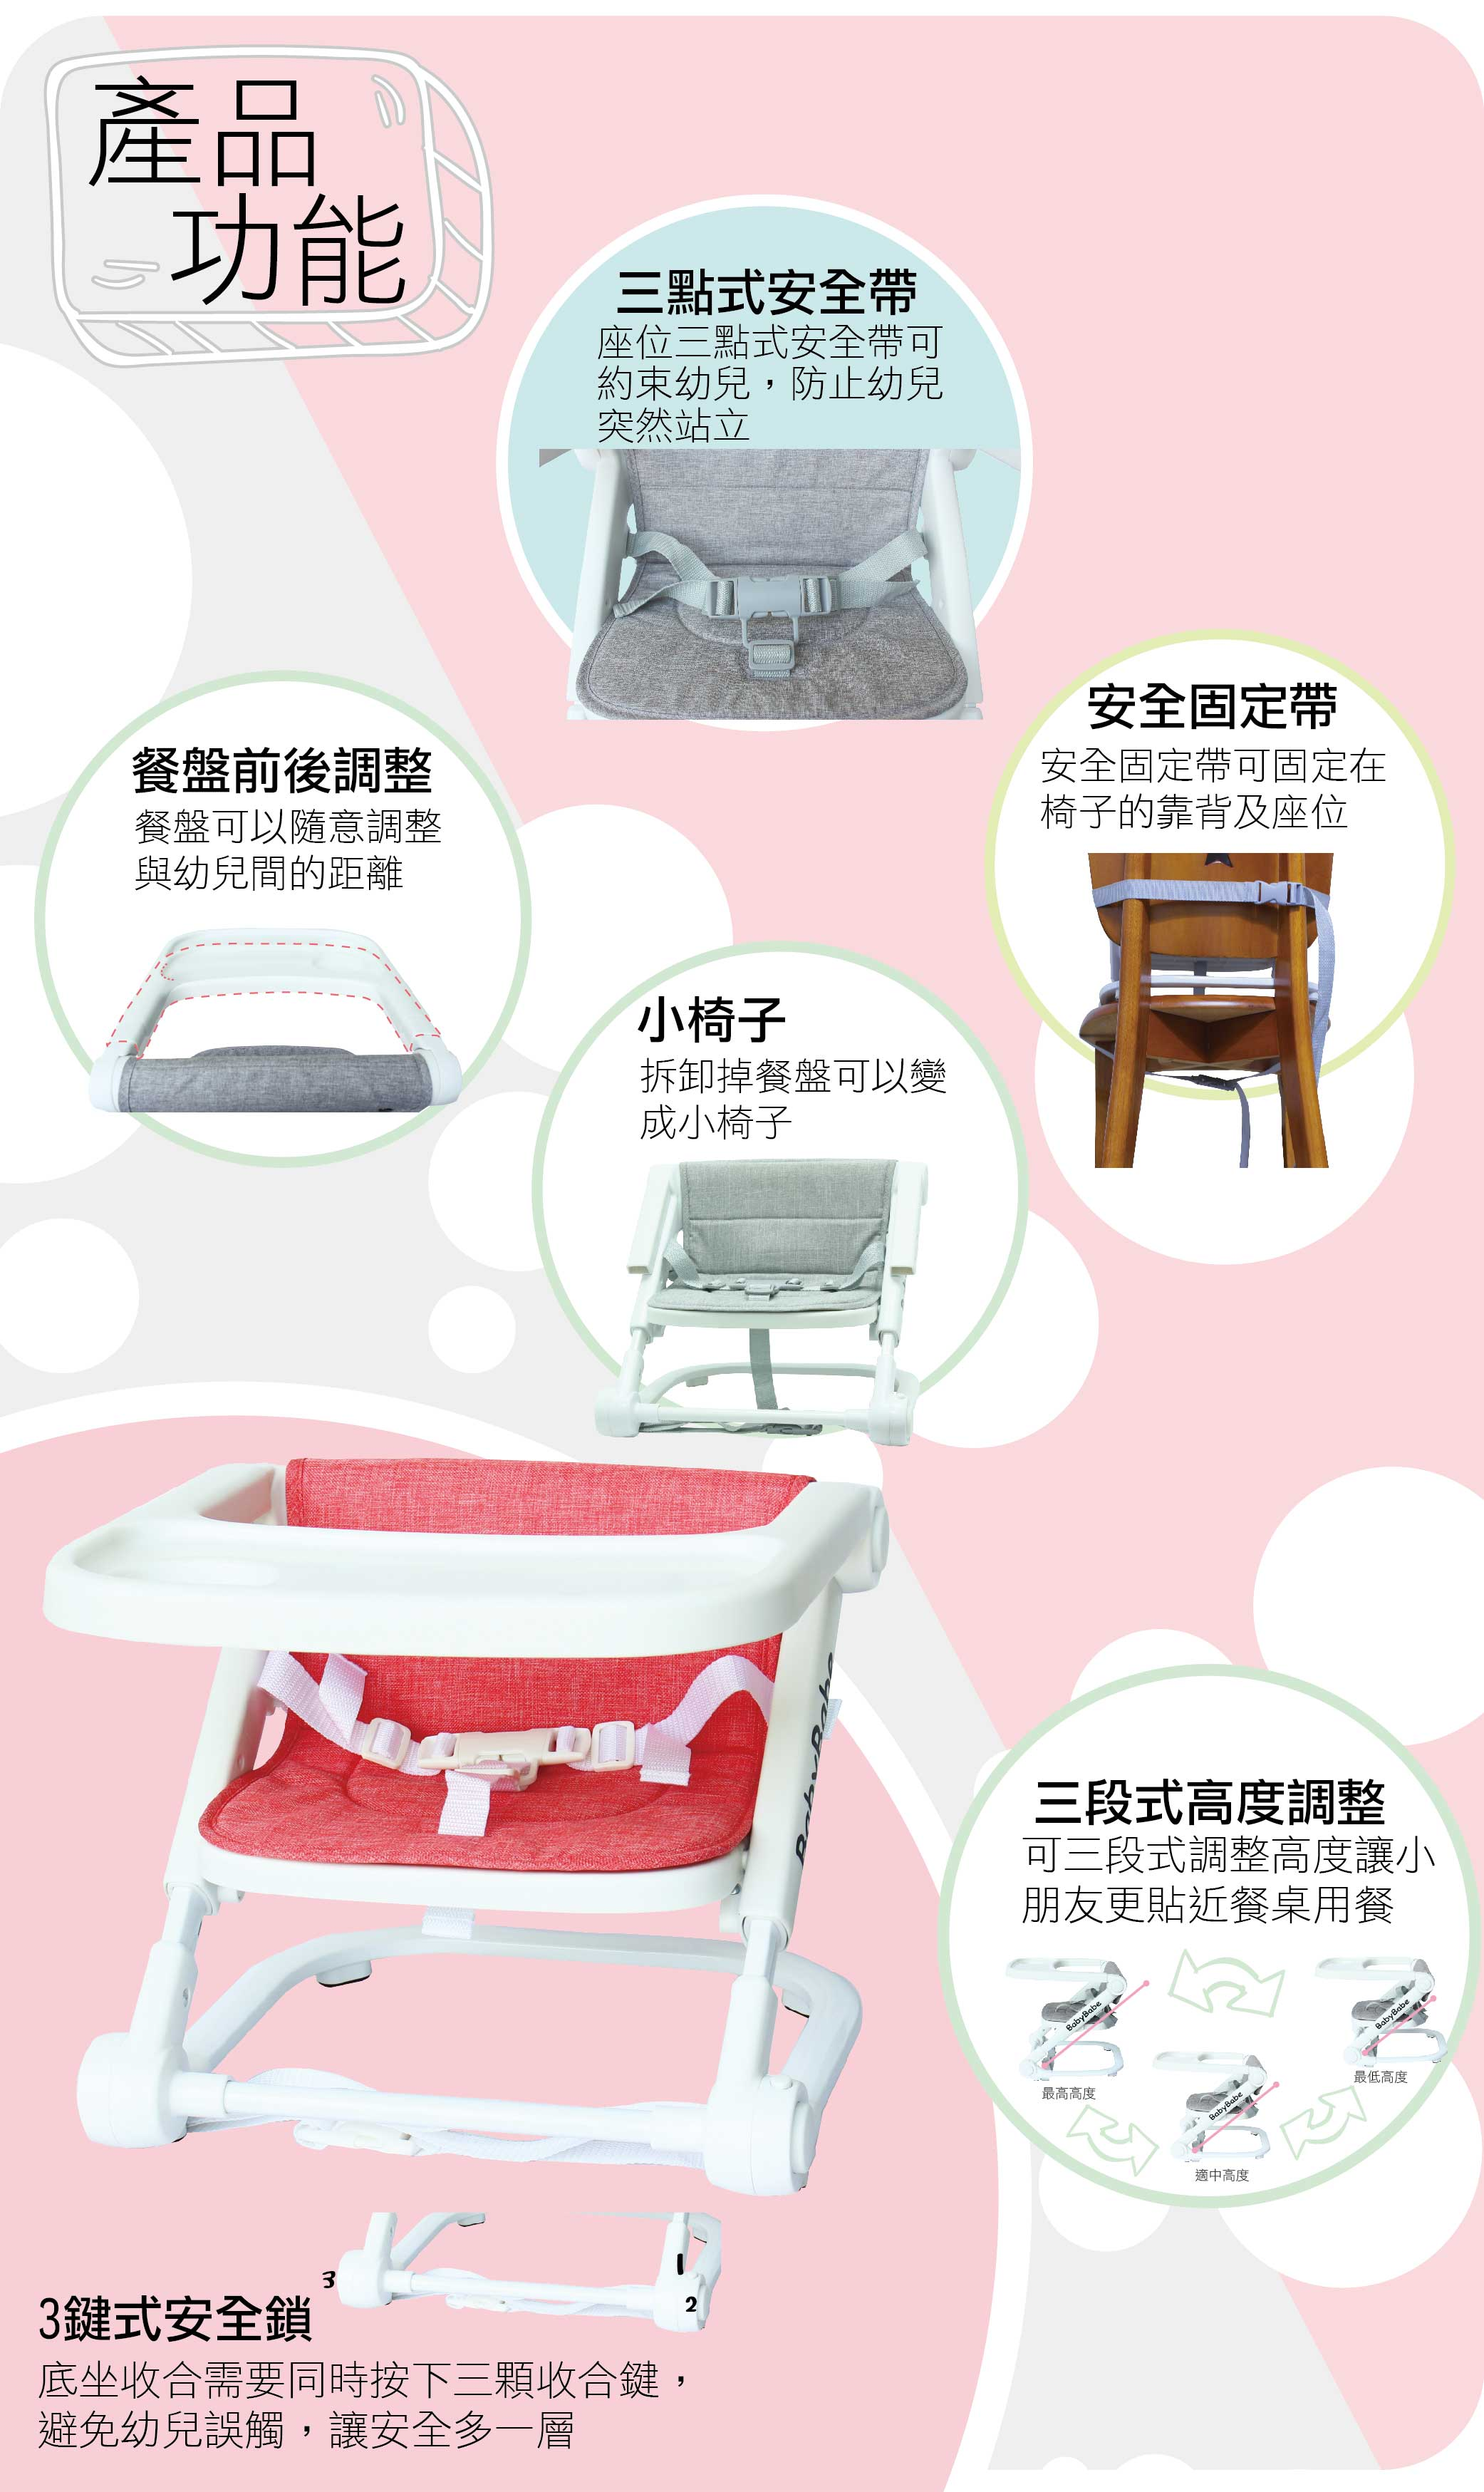 B906攜帶式餐椅-04